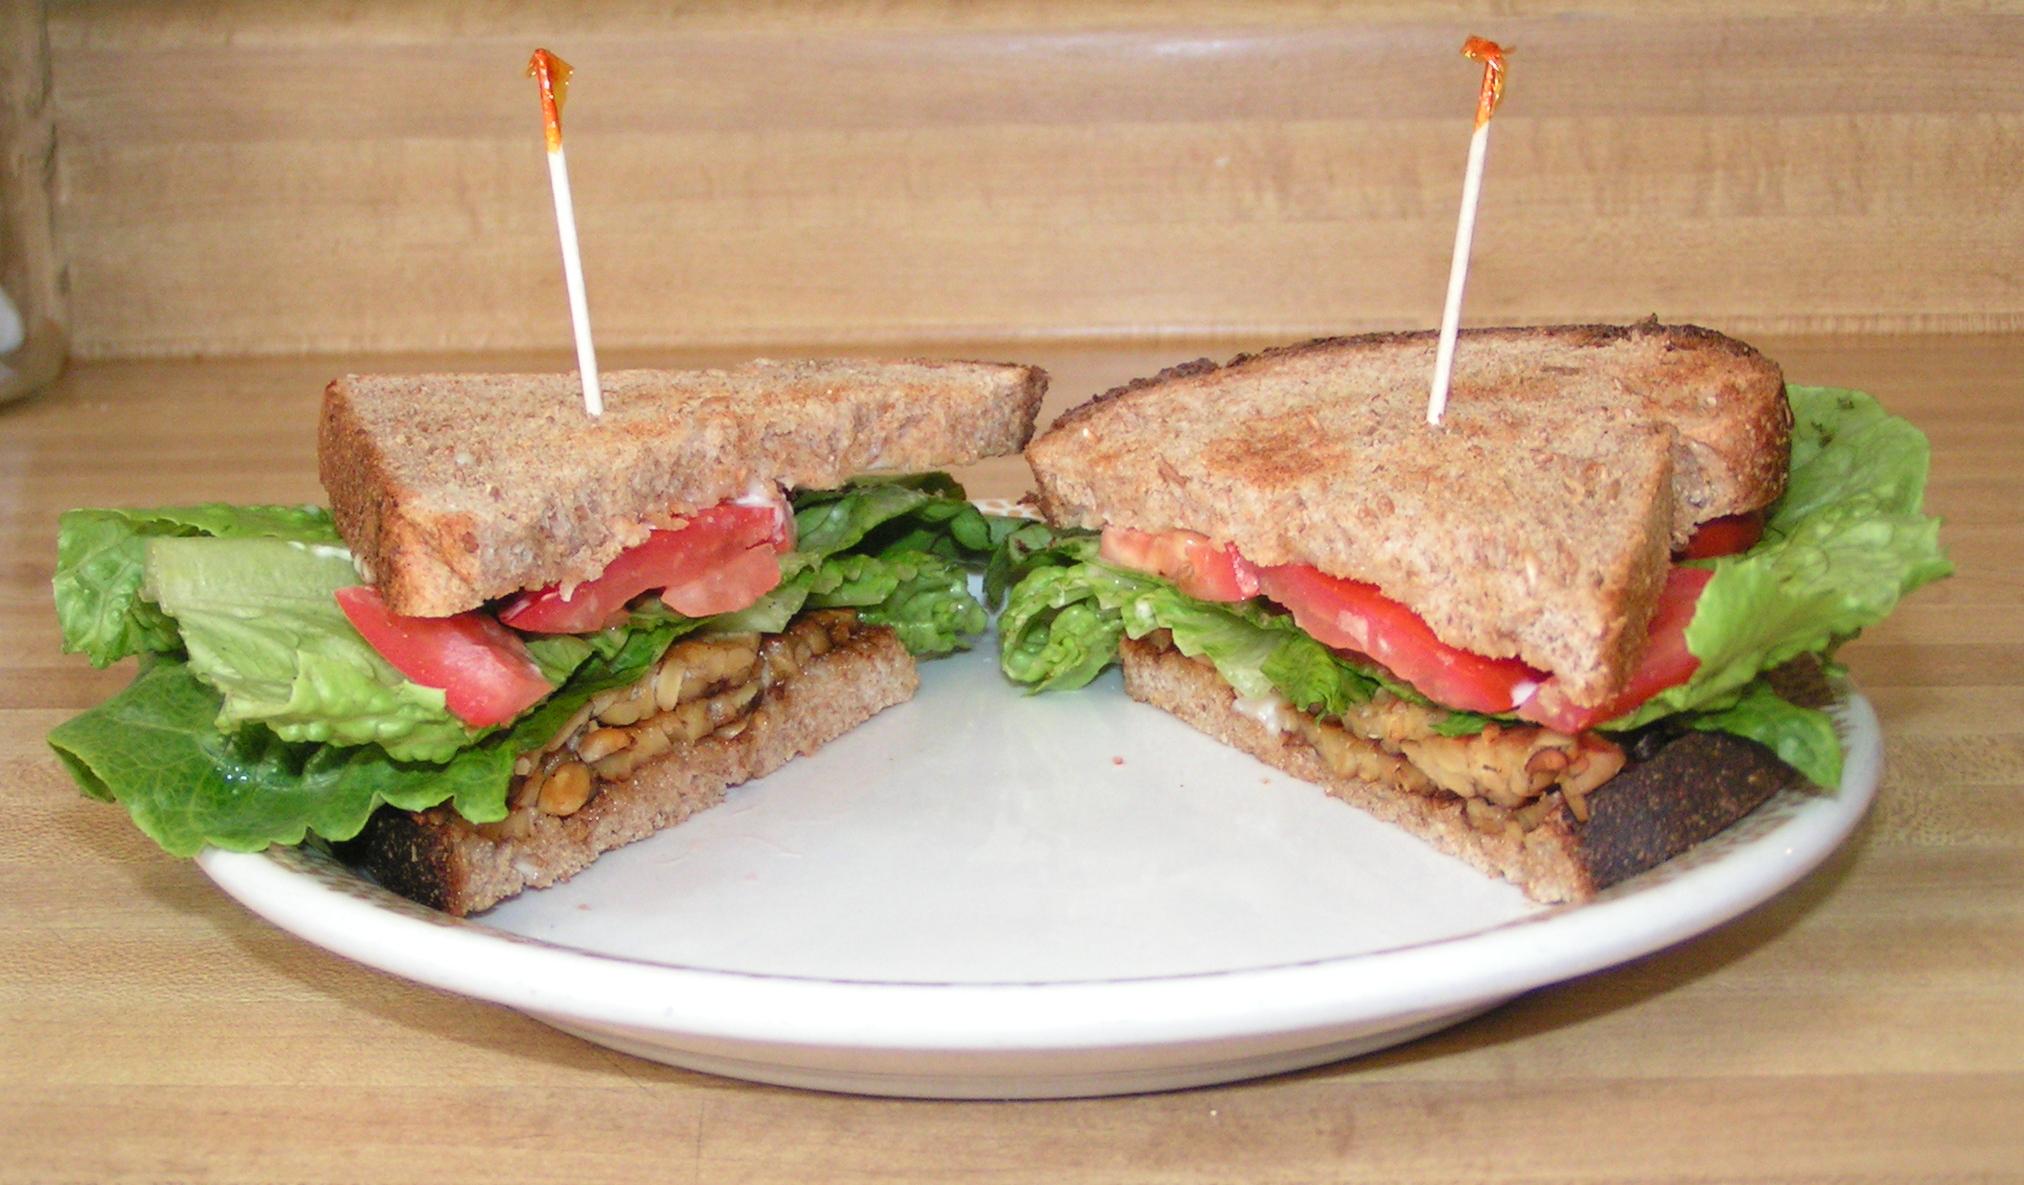 File:TLT sandwich.jpg - Wikimedia Commons